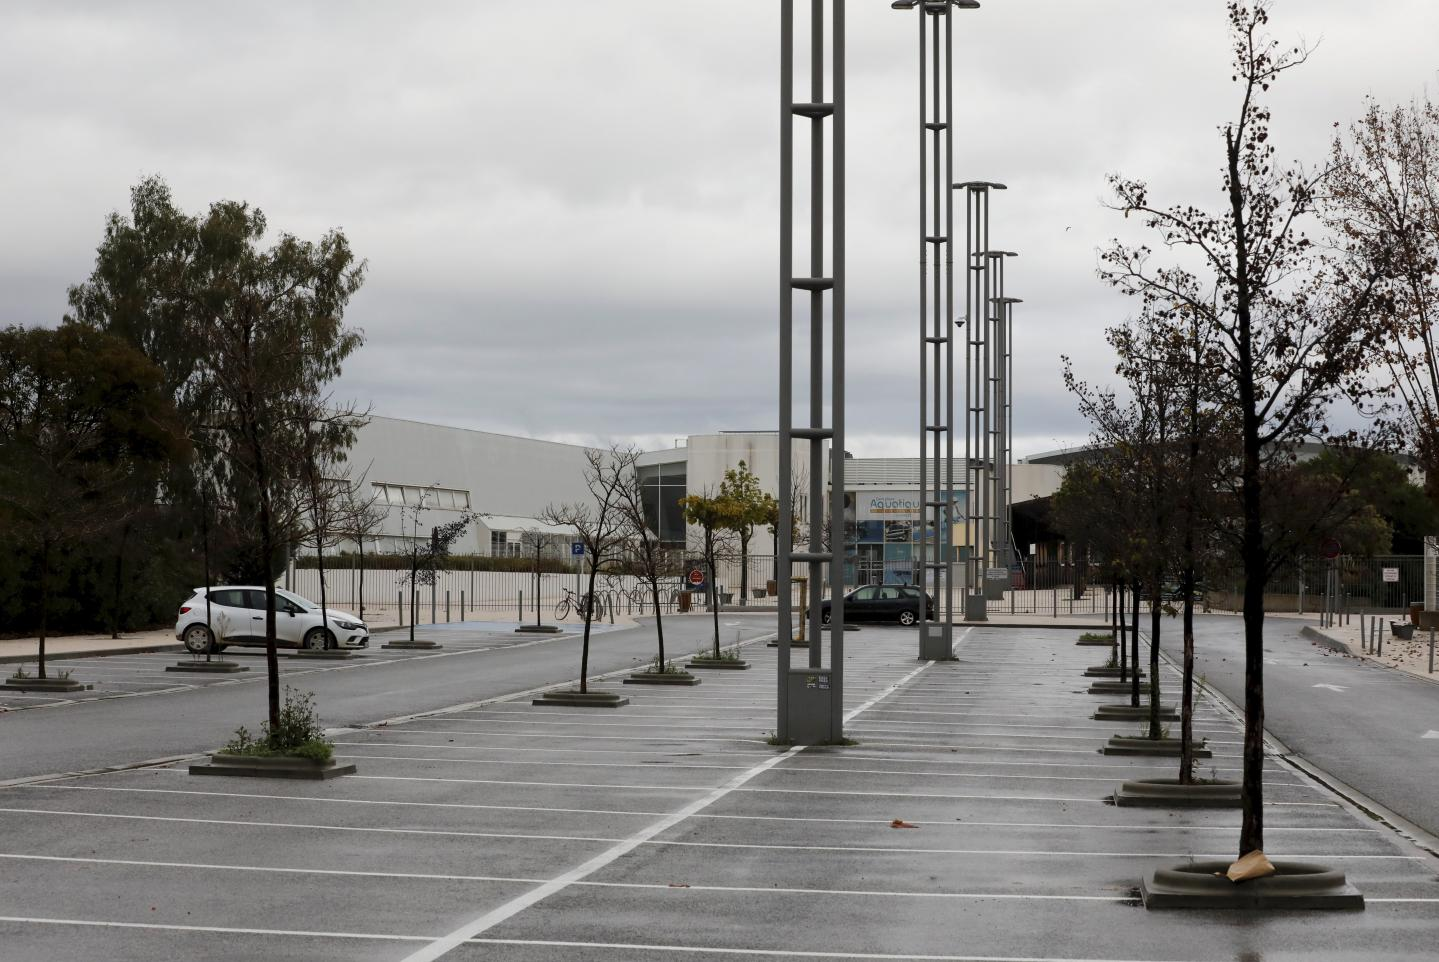 La ville prévoit d'équiper le parking de la piscine municipale de panneaux photovoltaïques, ce qui pourrait réduire de 30 % la facture énergétique de la structure.